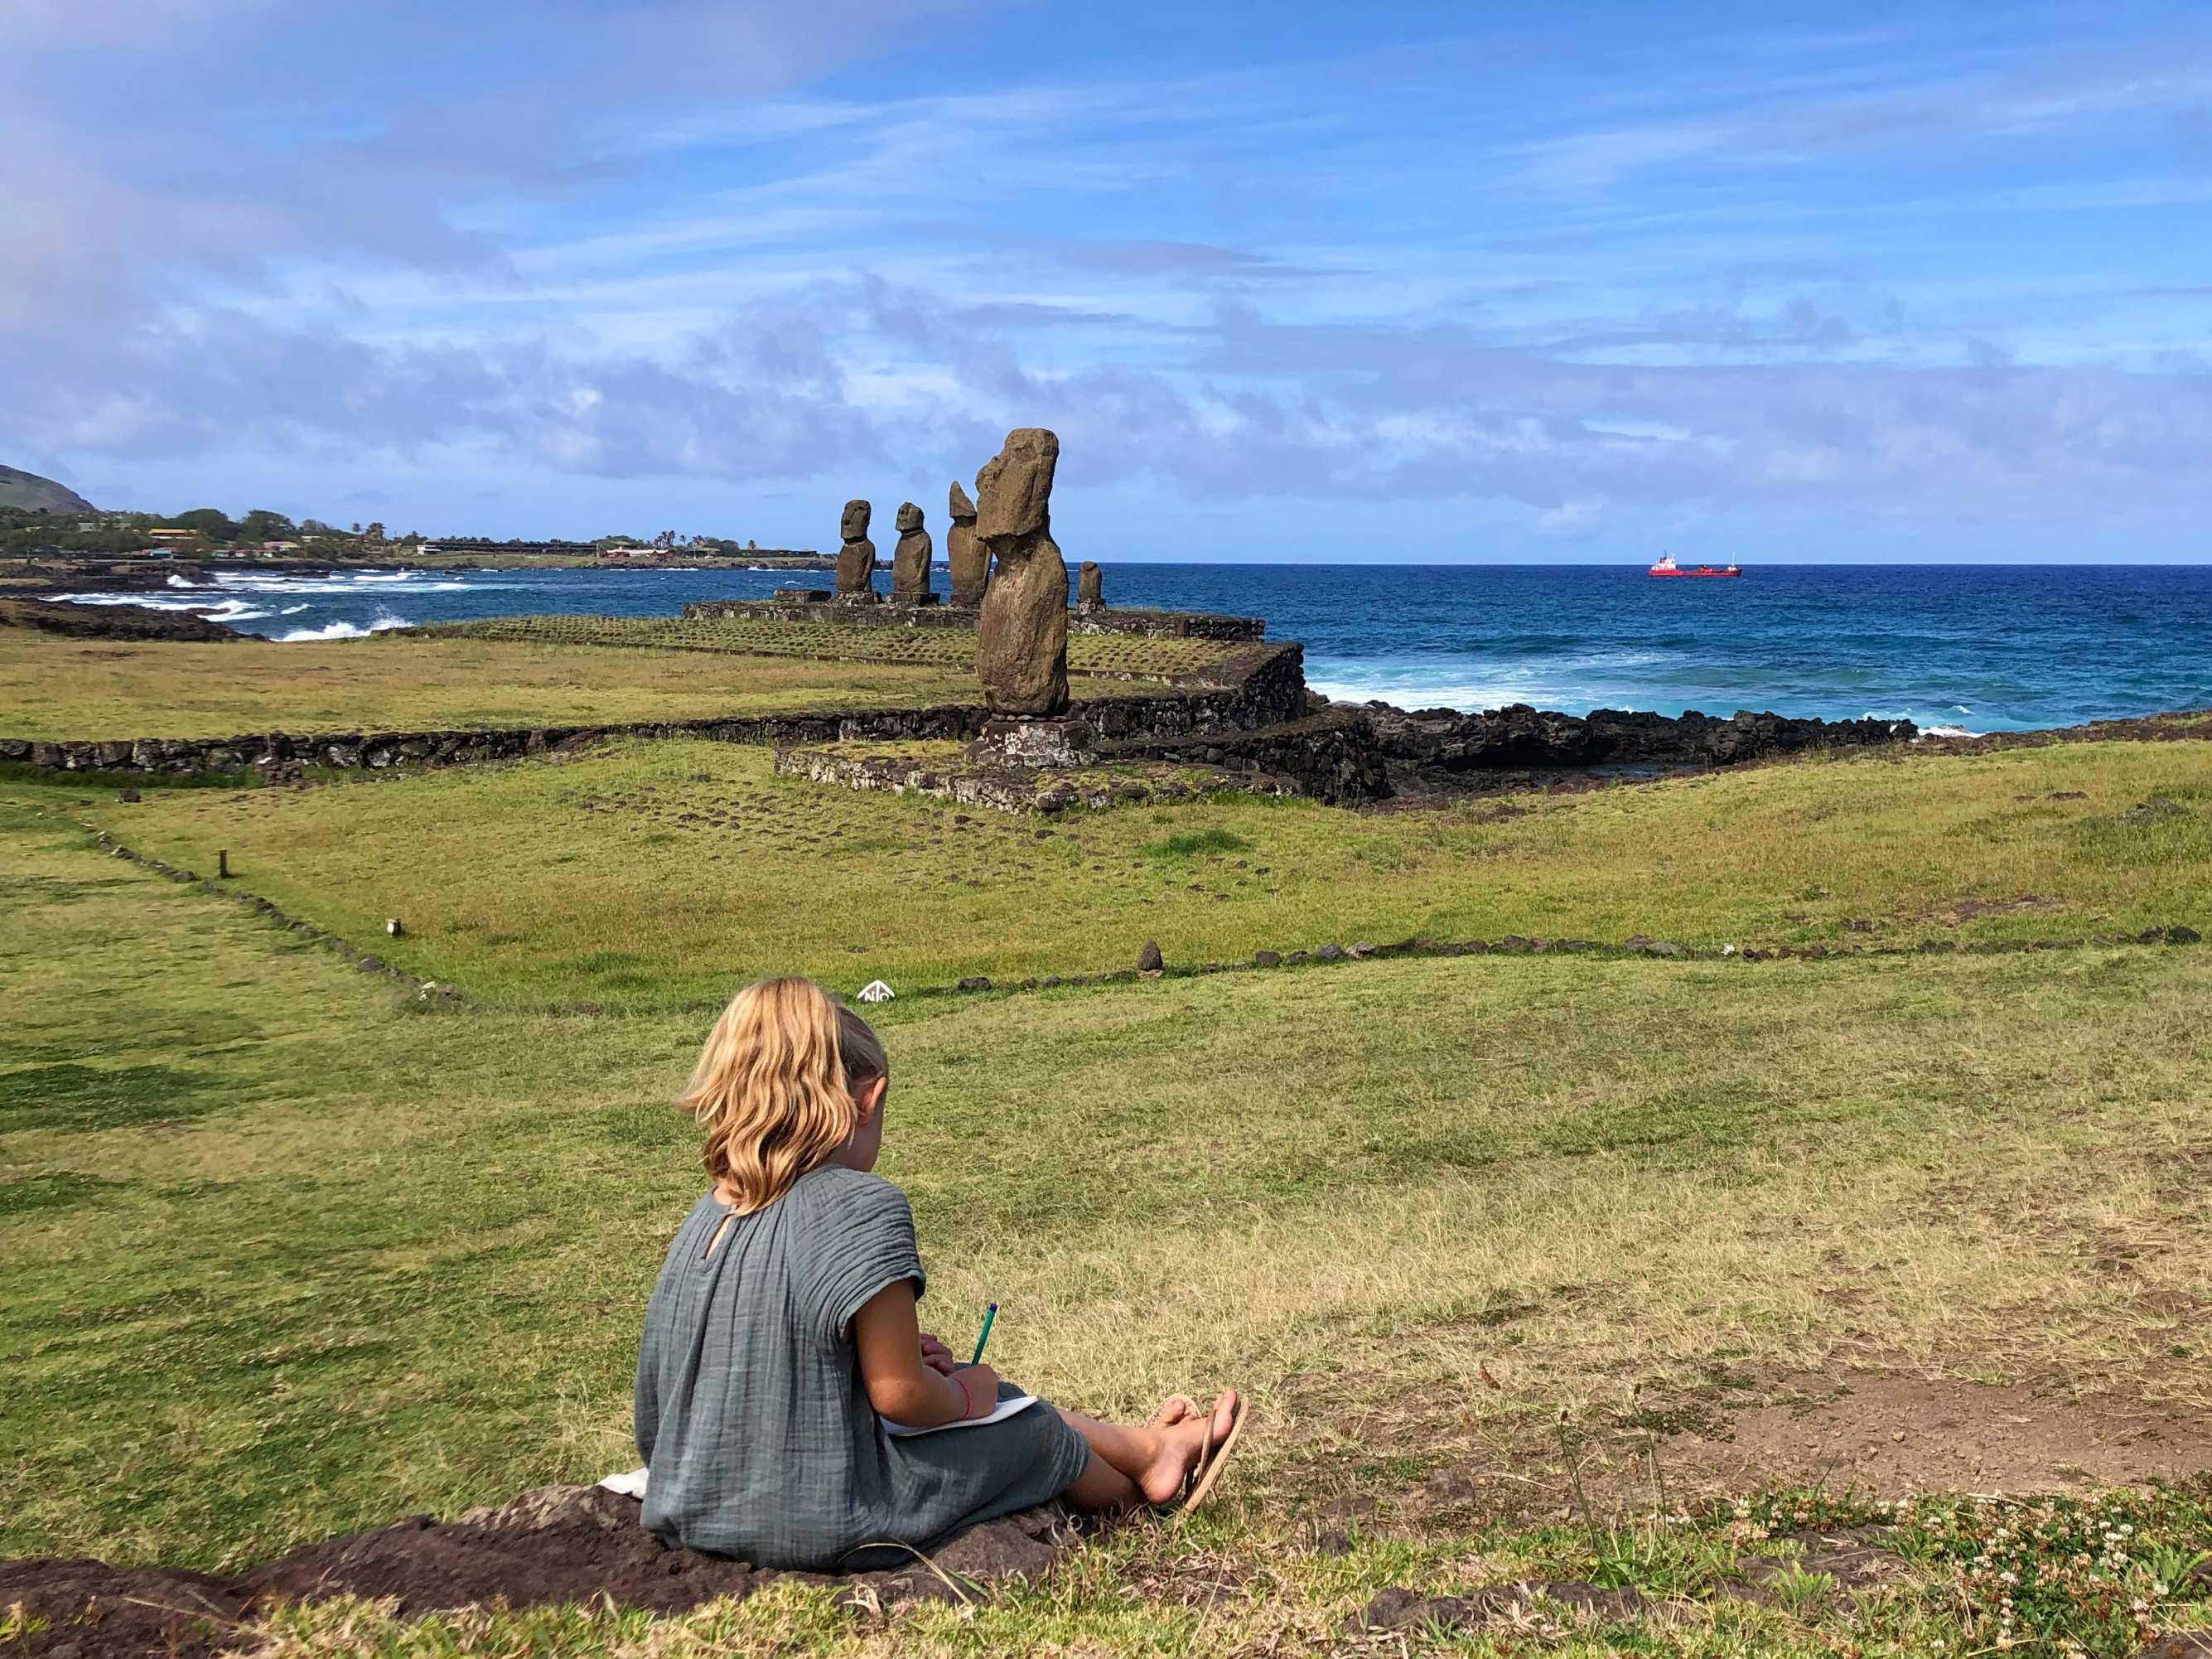 L'école en voyage: 10 trucs pour que tout se passe bien!